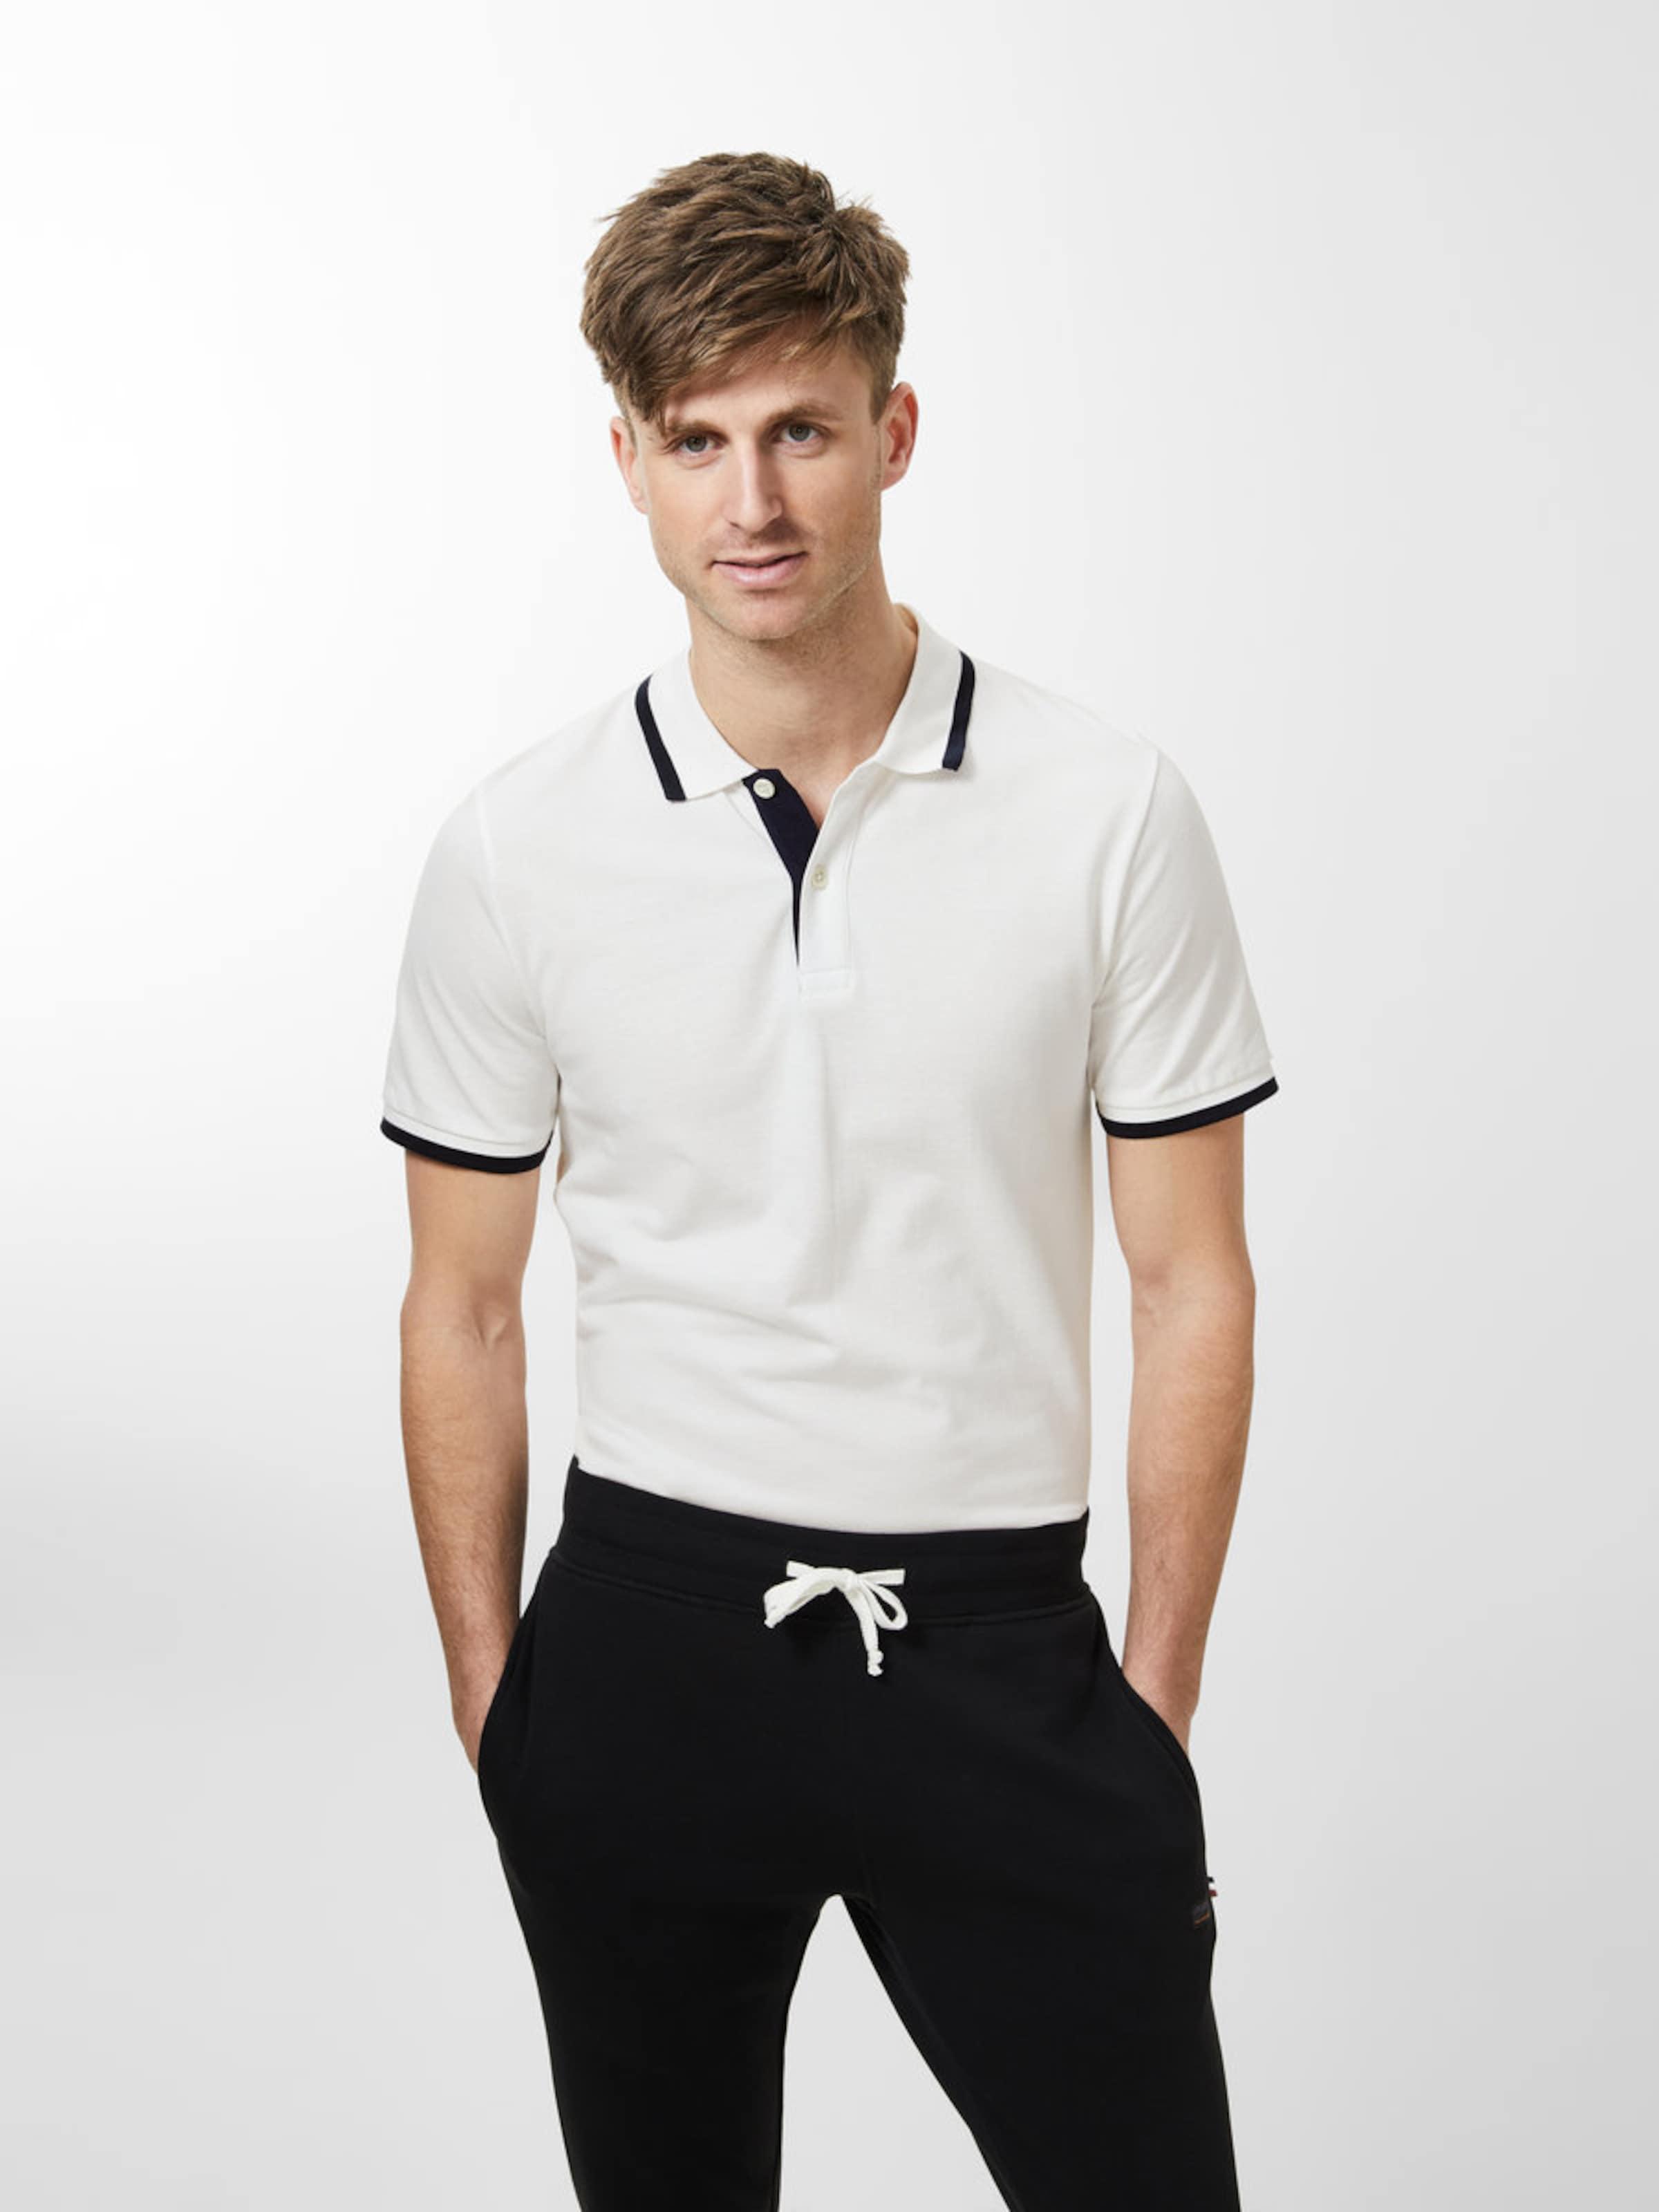 Günstig Kaufen Angebot Günstig Kaufen Neueste Produkt Klassisches Poloshirt Spielraum Billig TqCs53OO